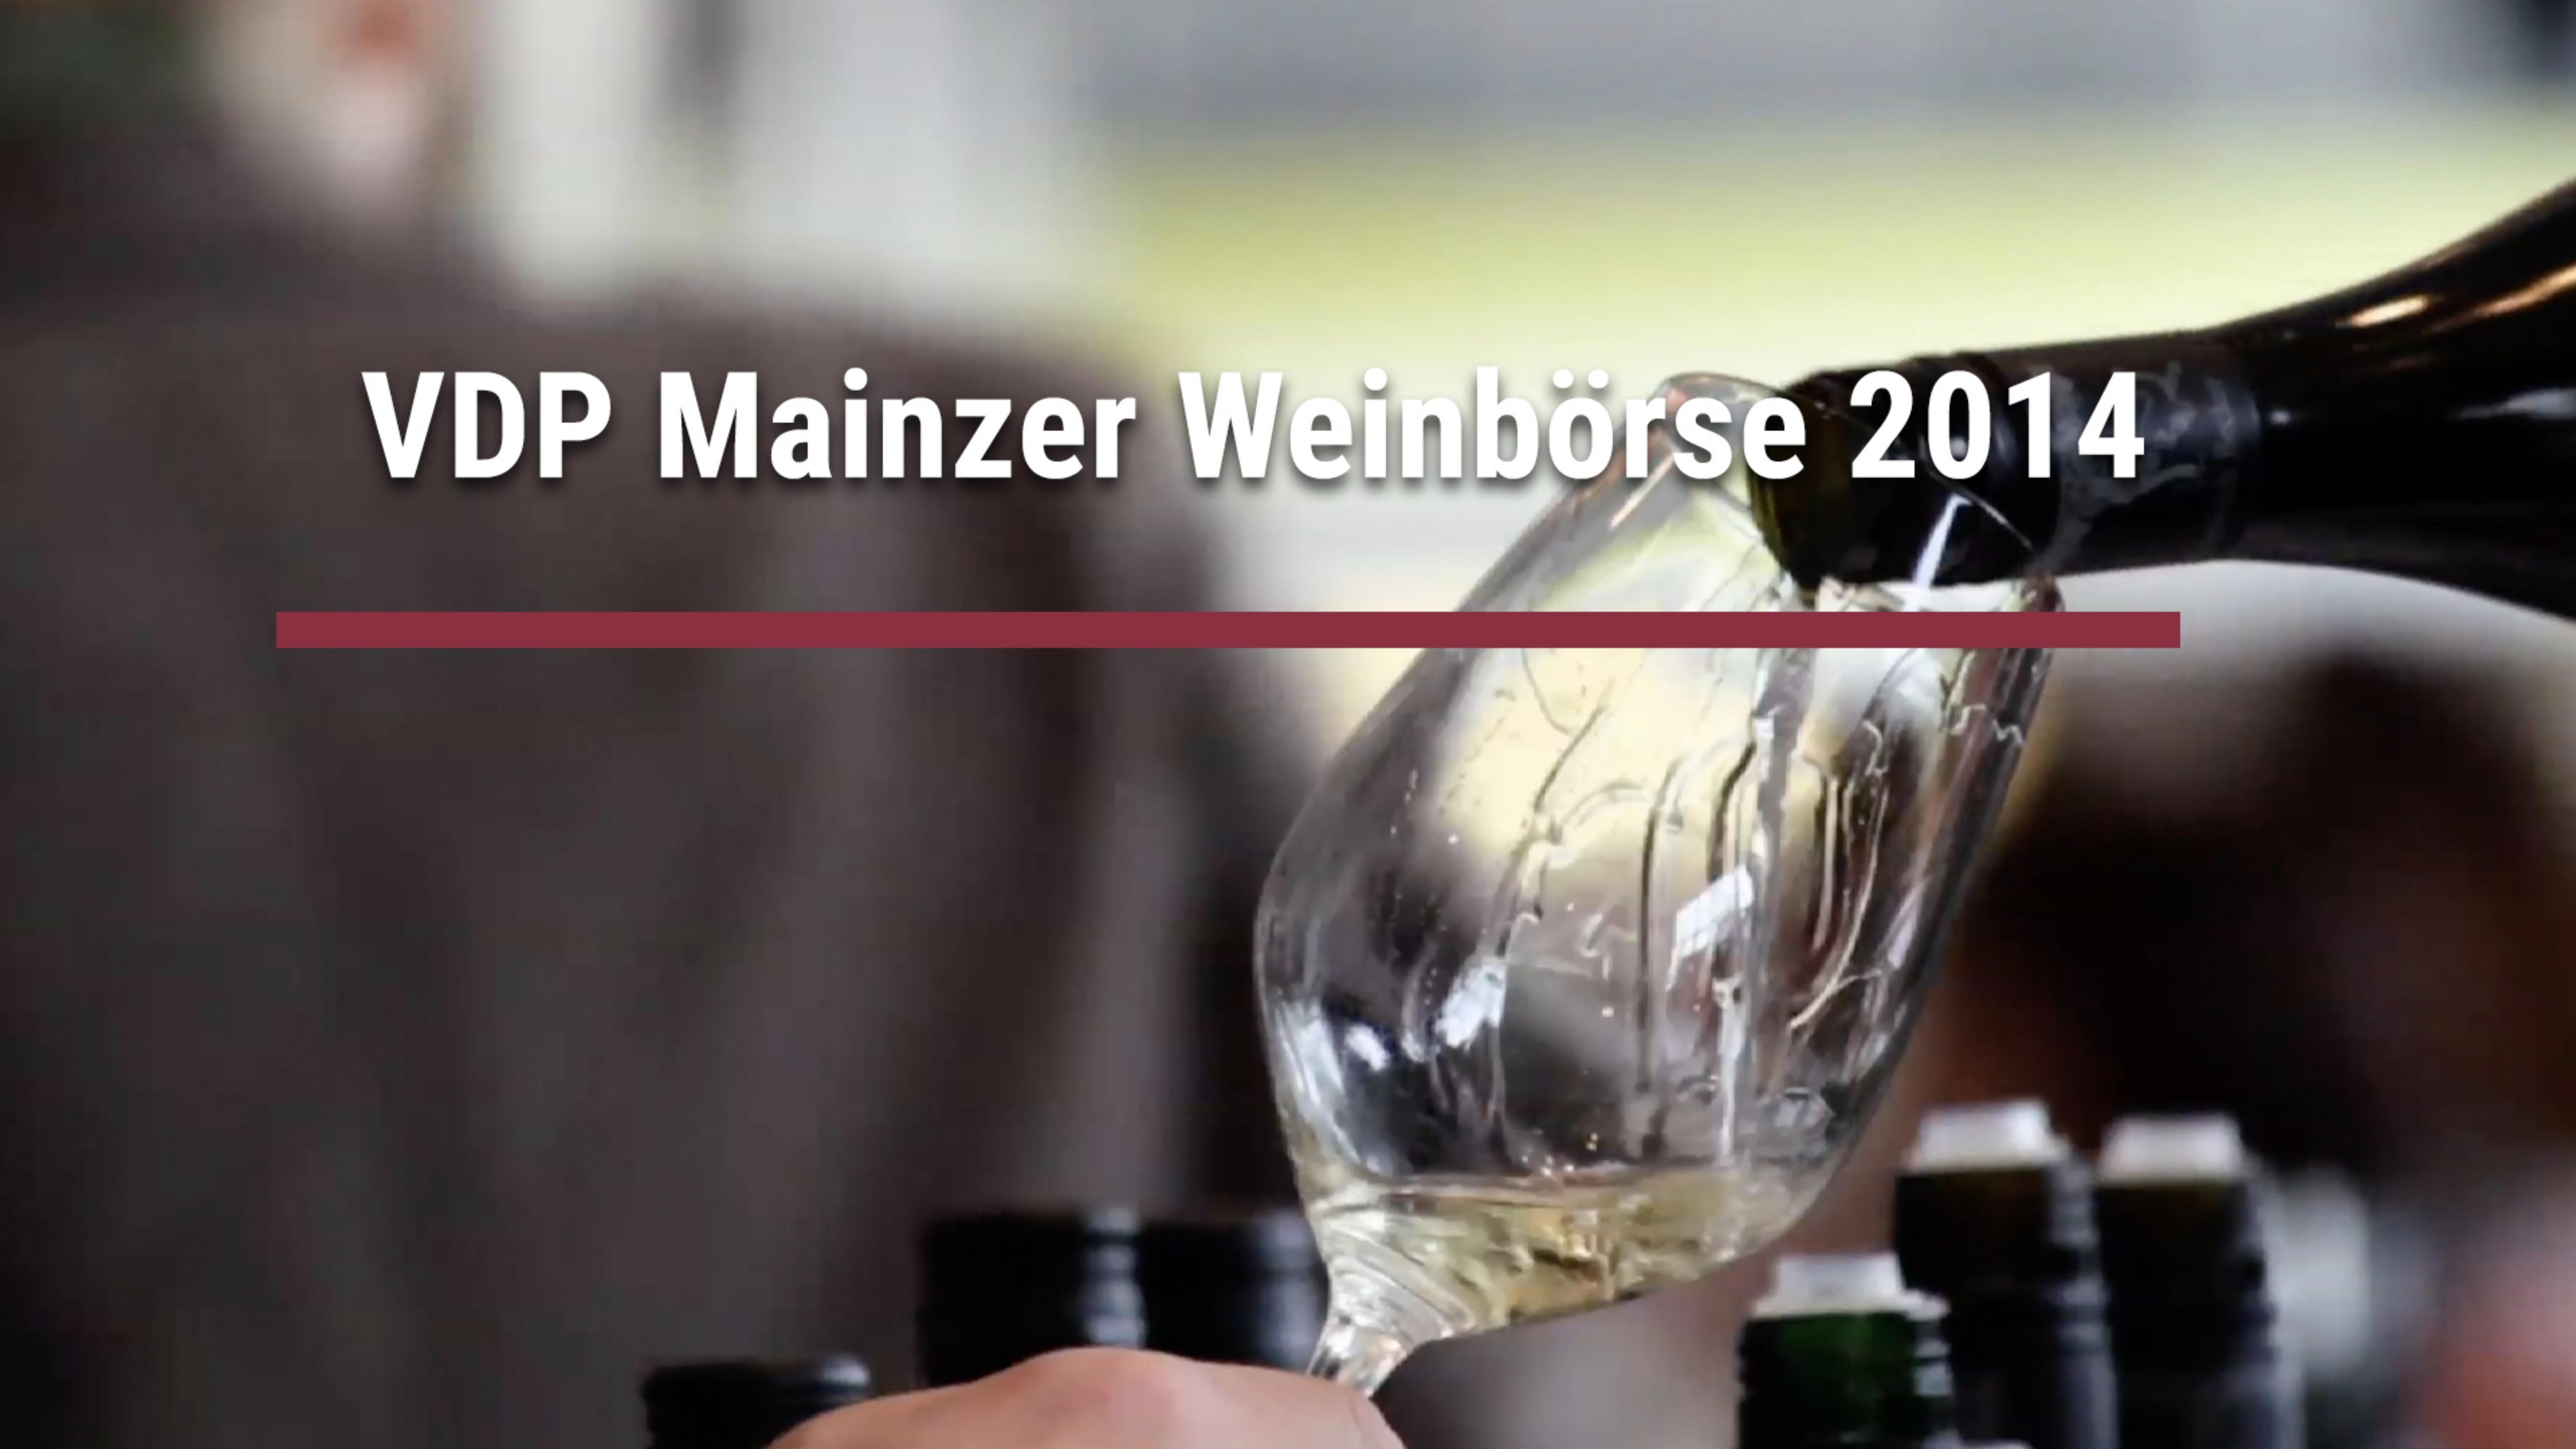 VDP Mainzer Weinbörse 2014